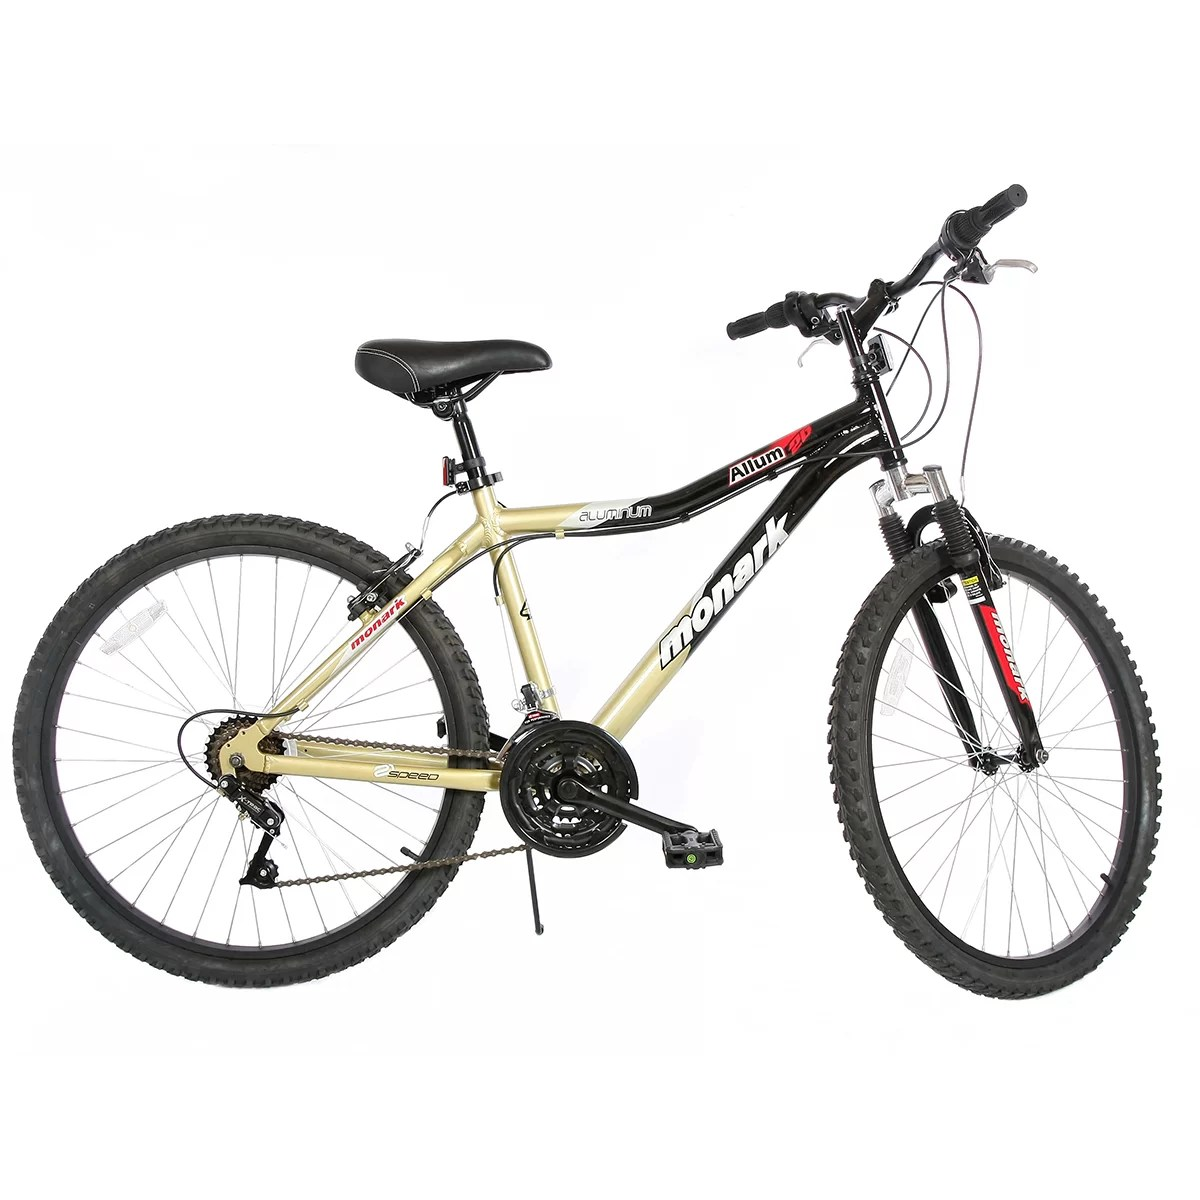 Bicicleta Monark Allum